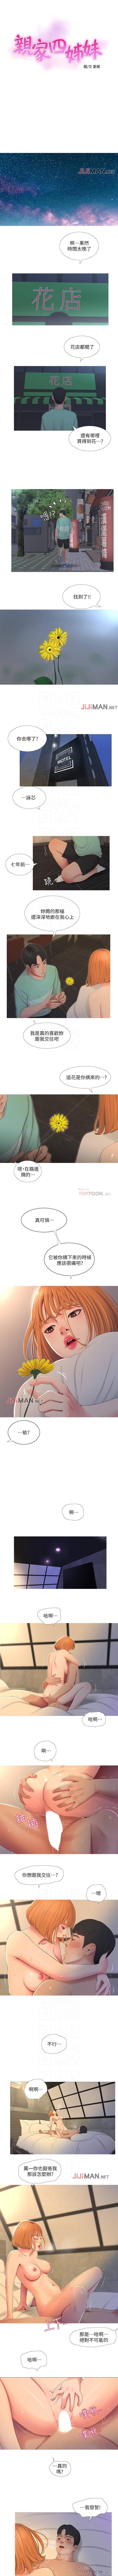 【周四连载】亲家四姐妹(作者:愛摸) 第1~27话 14